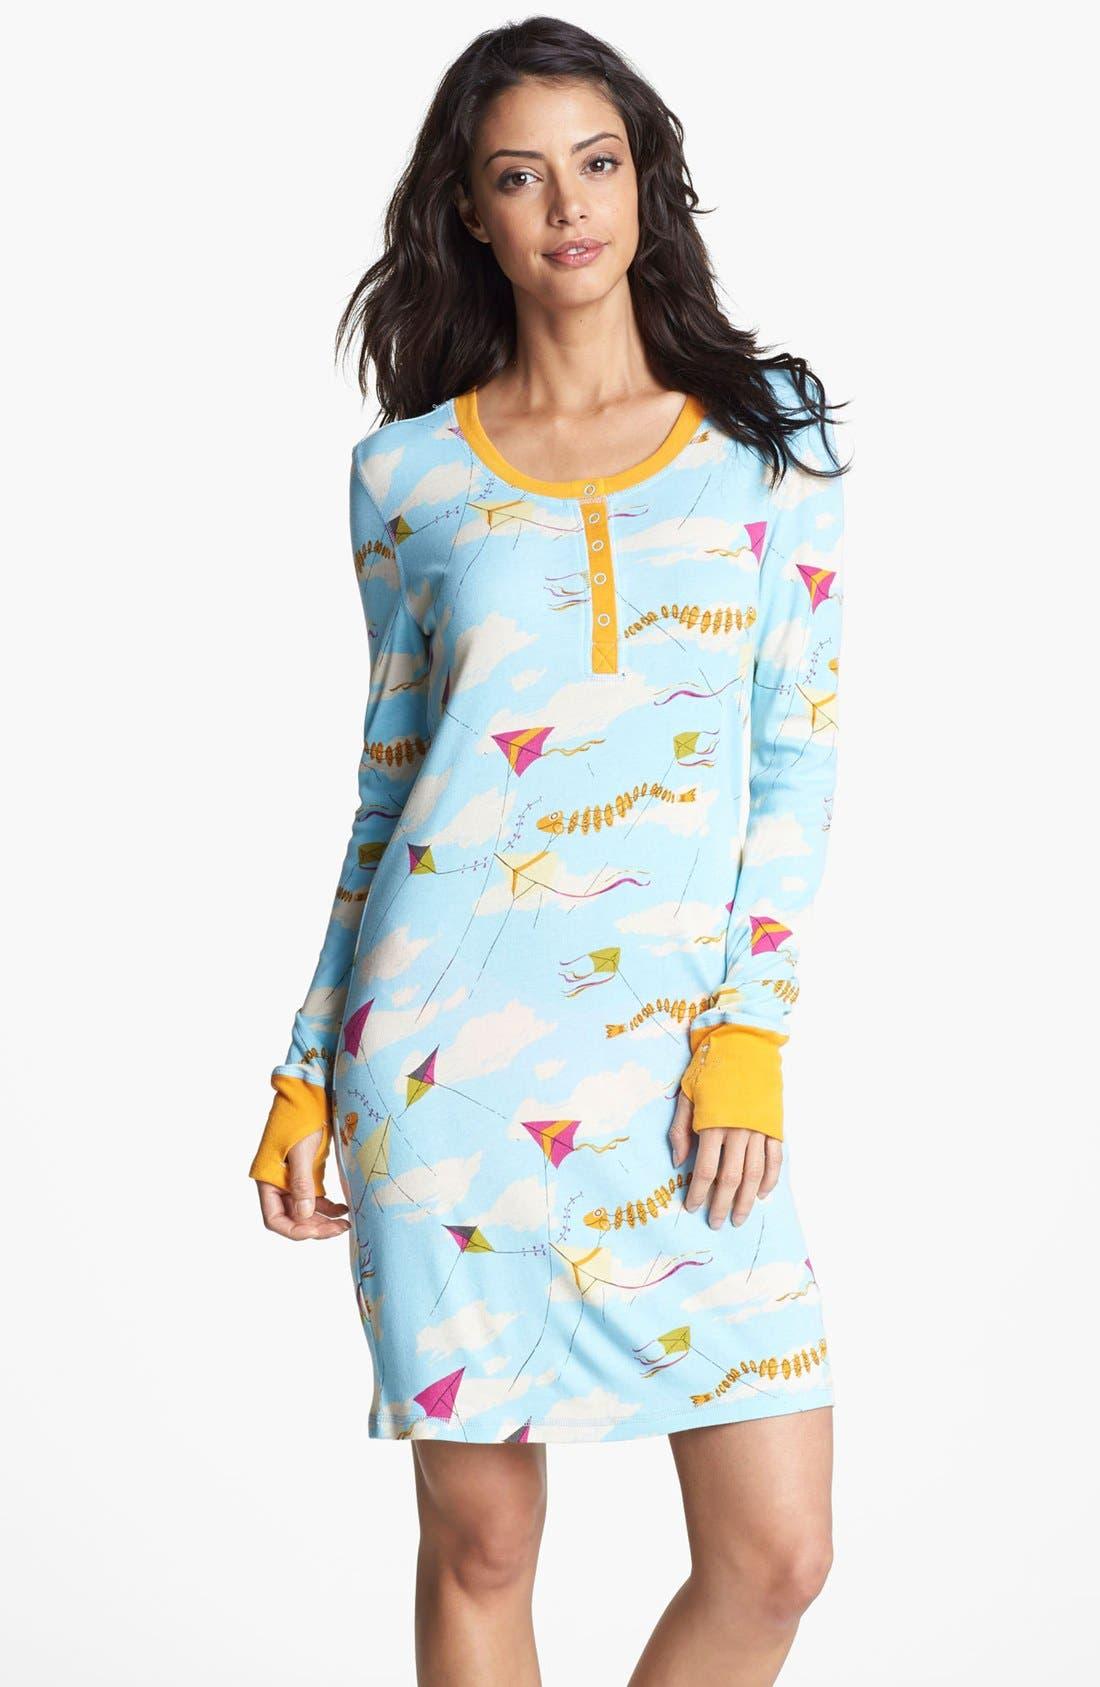 Main Image - Munki Munki Print Henley Sleep Shirt